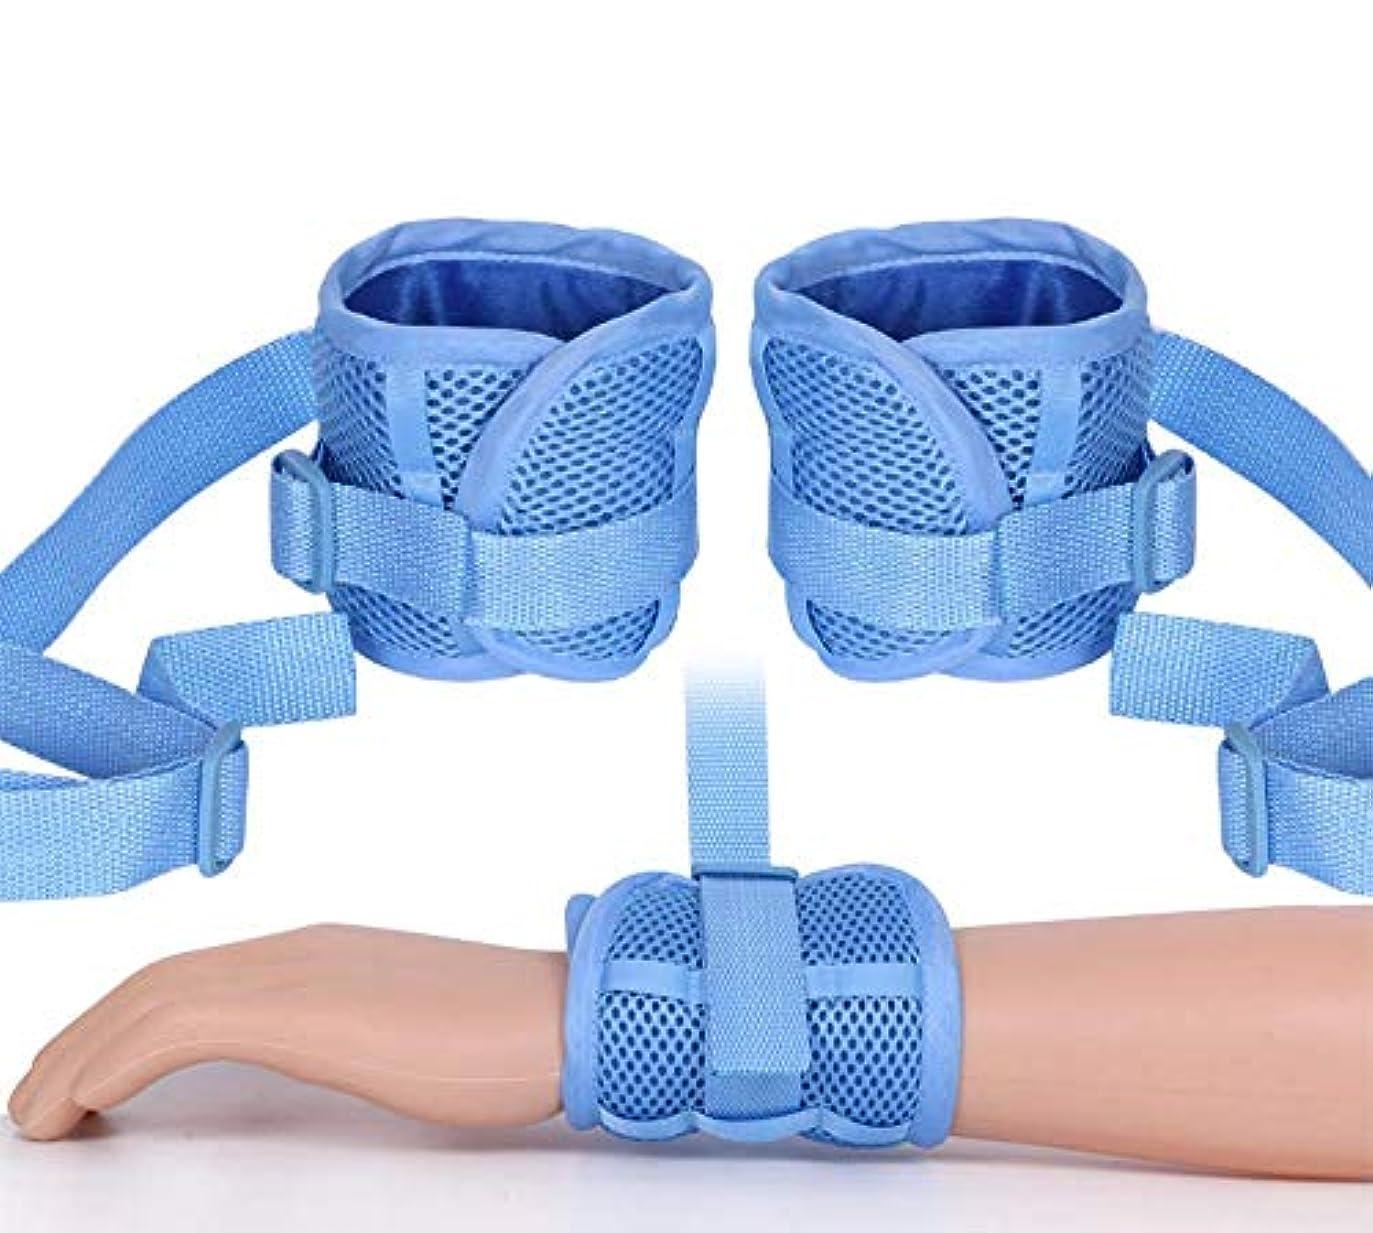 間違いなくまどろみのある火山学手や足ユーチューブニバーサル制約コントロールクイックリリース(1ペア)のための制御四肢ホルダー医療拘束患者の病院のベッドの四肢ホルダー